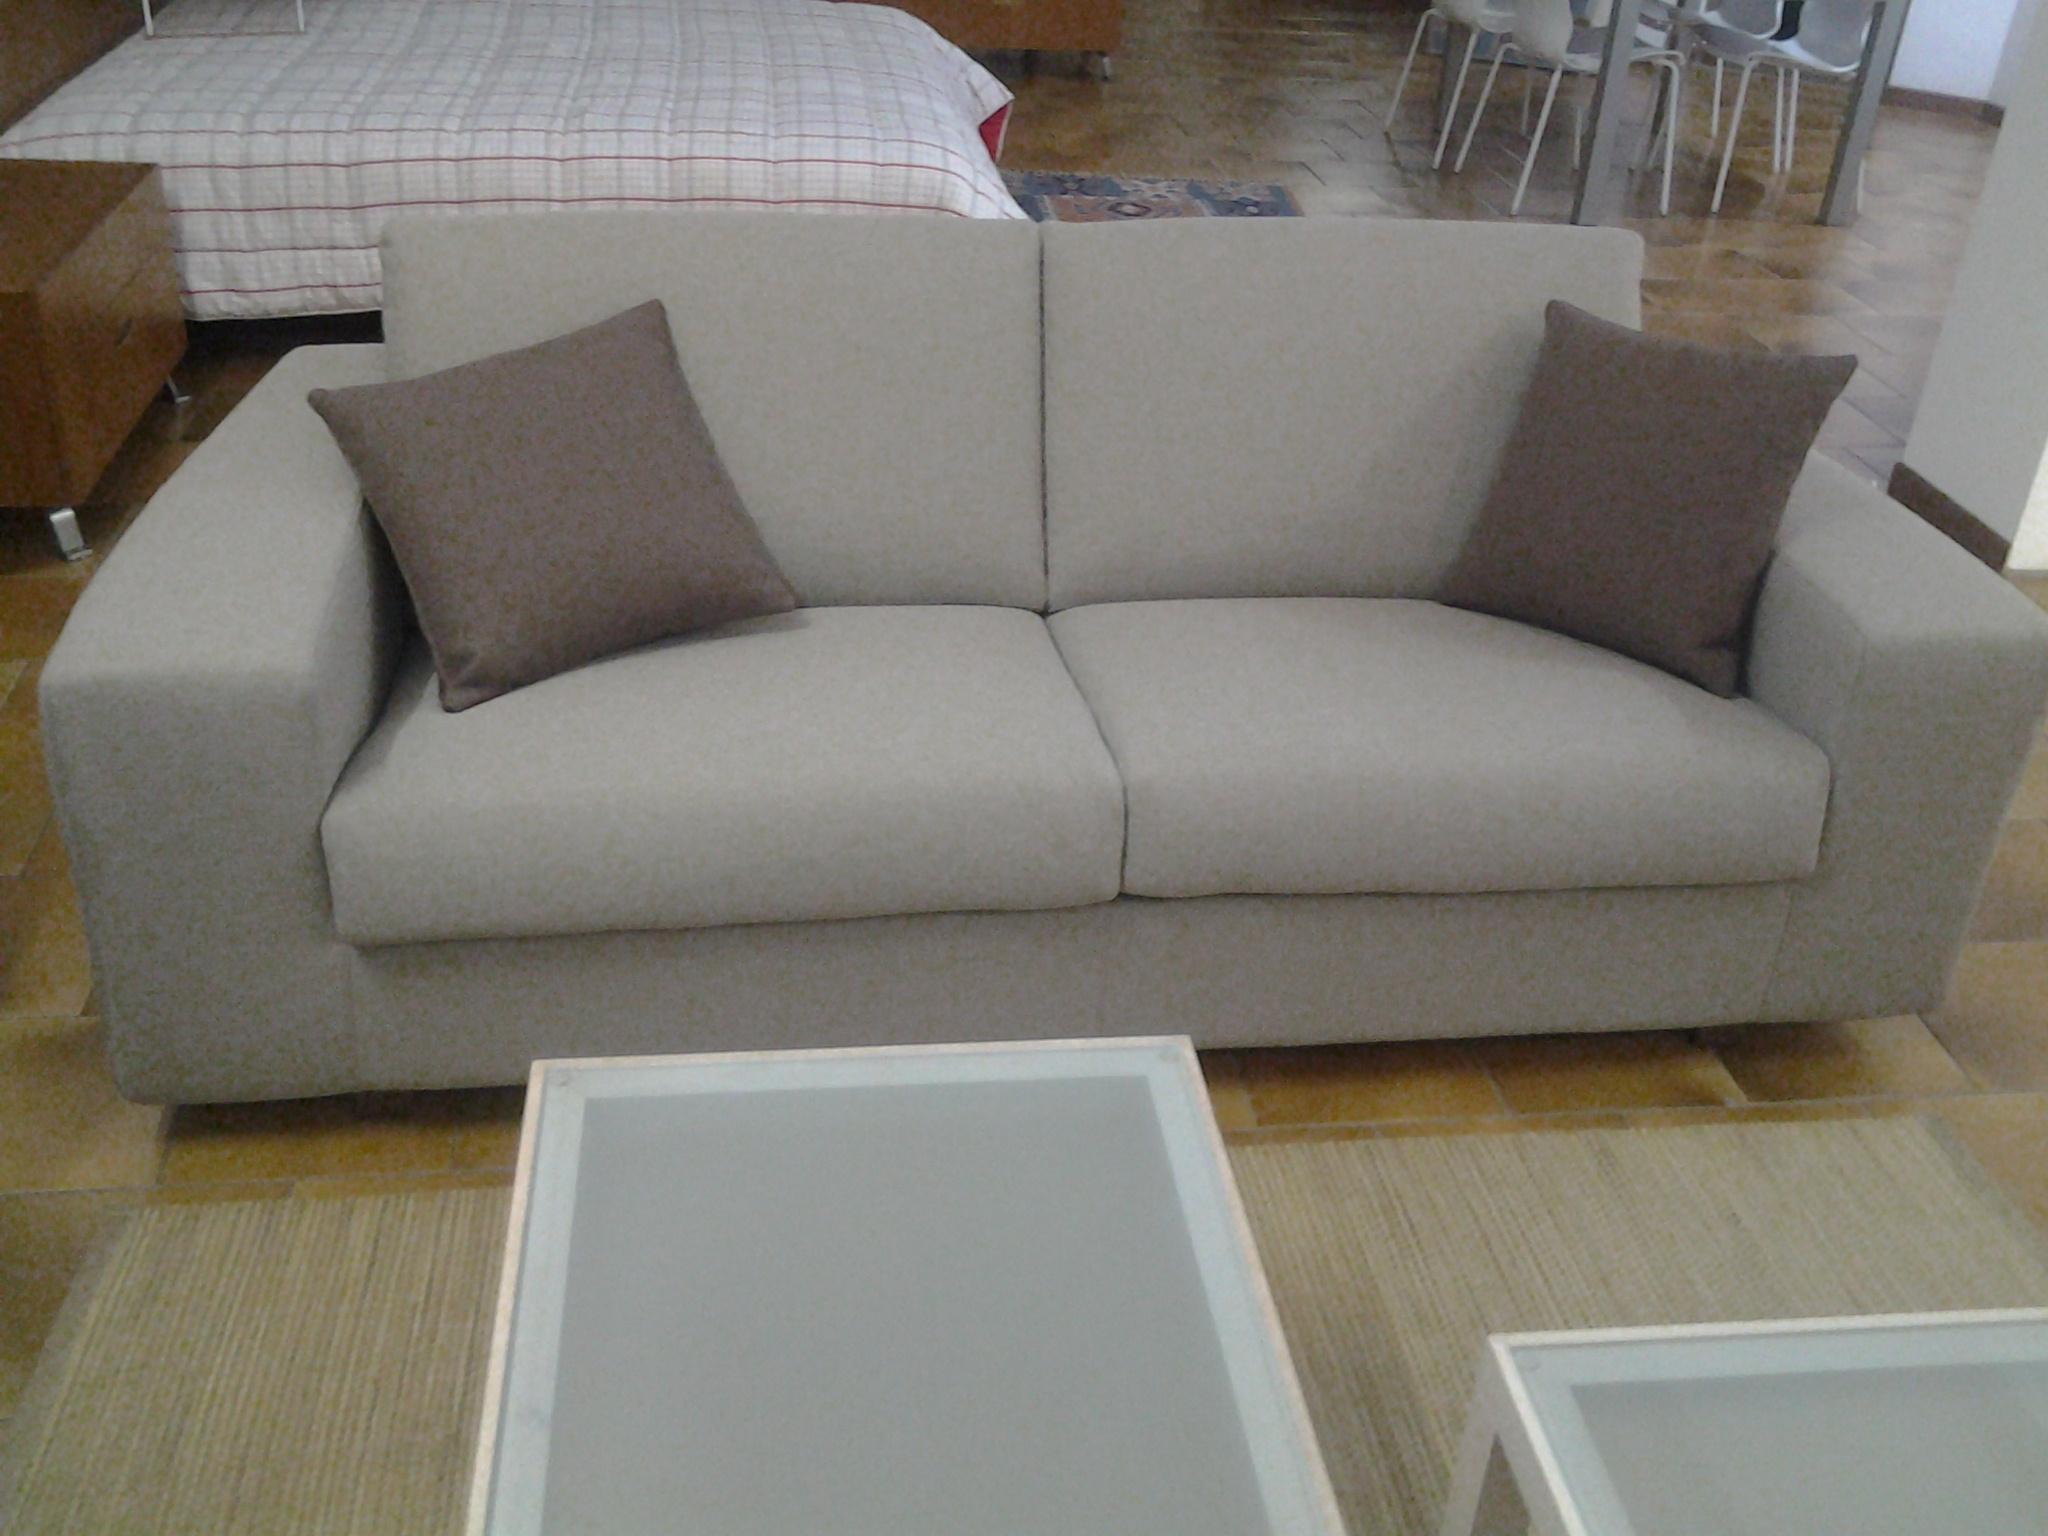 Dema divano elio divani letto tessuto divano 2 posti for Divani a 2 posti